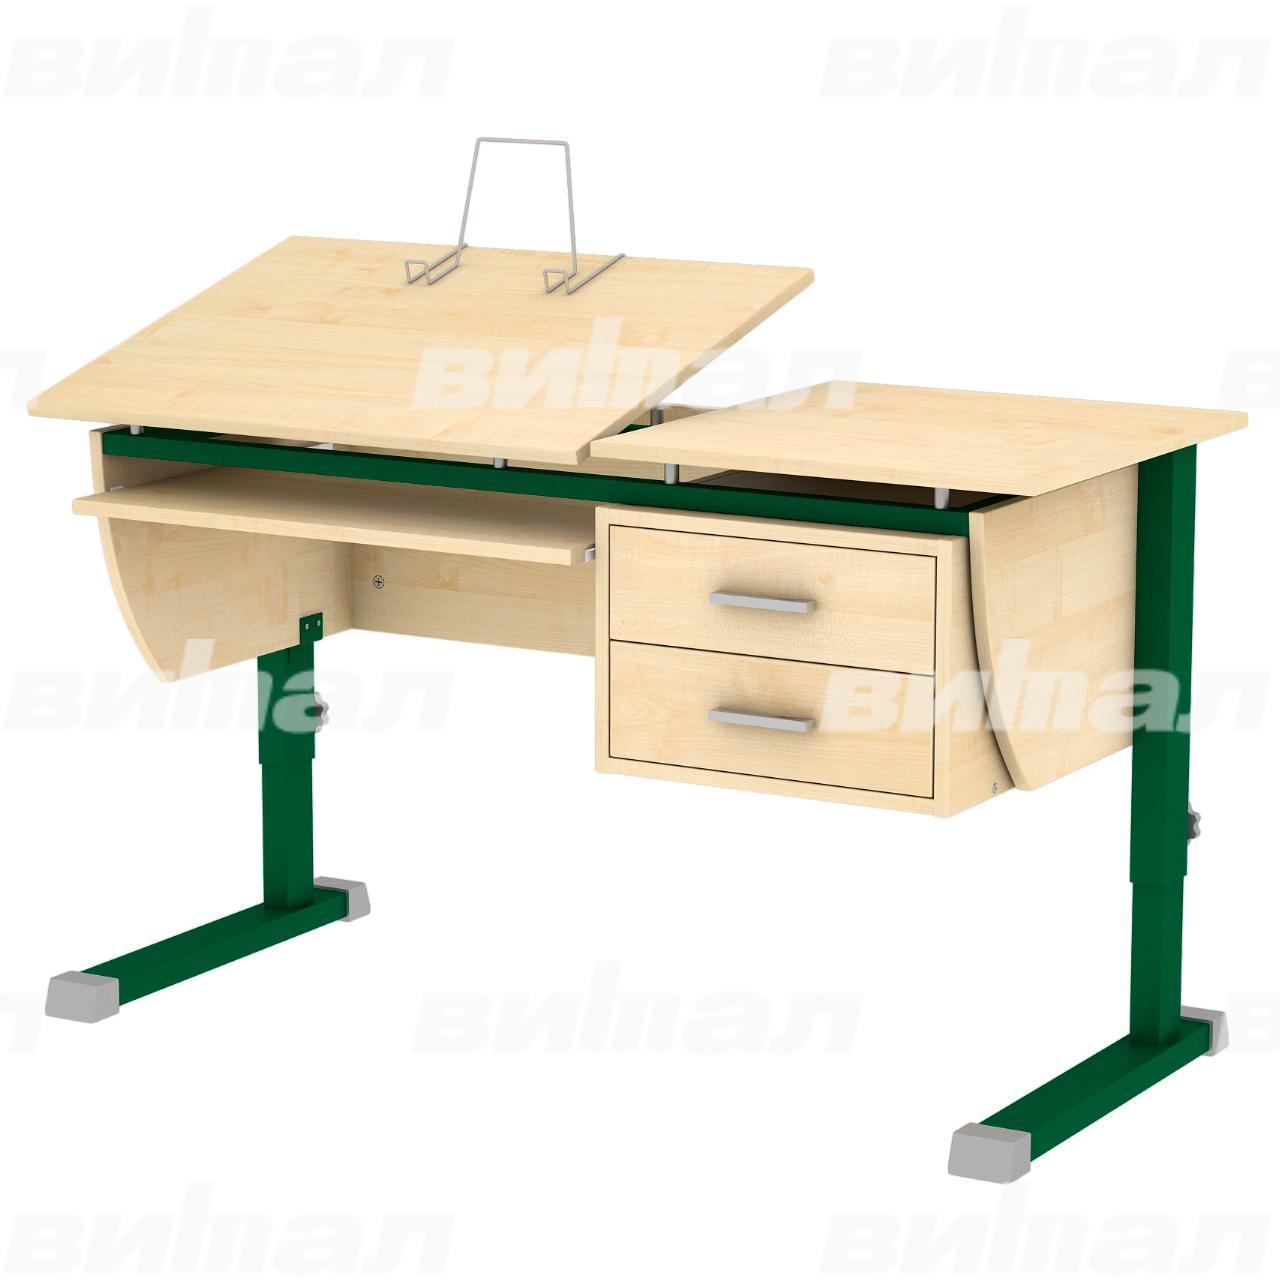 Стол ученический компьютерный «Осанка 120 К» зеленый Клен 2-7 ЛДСП